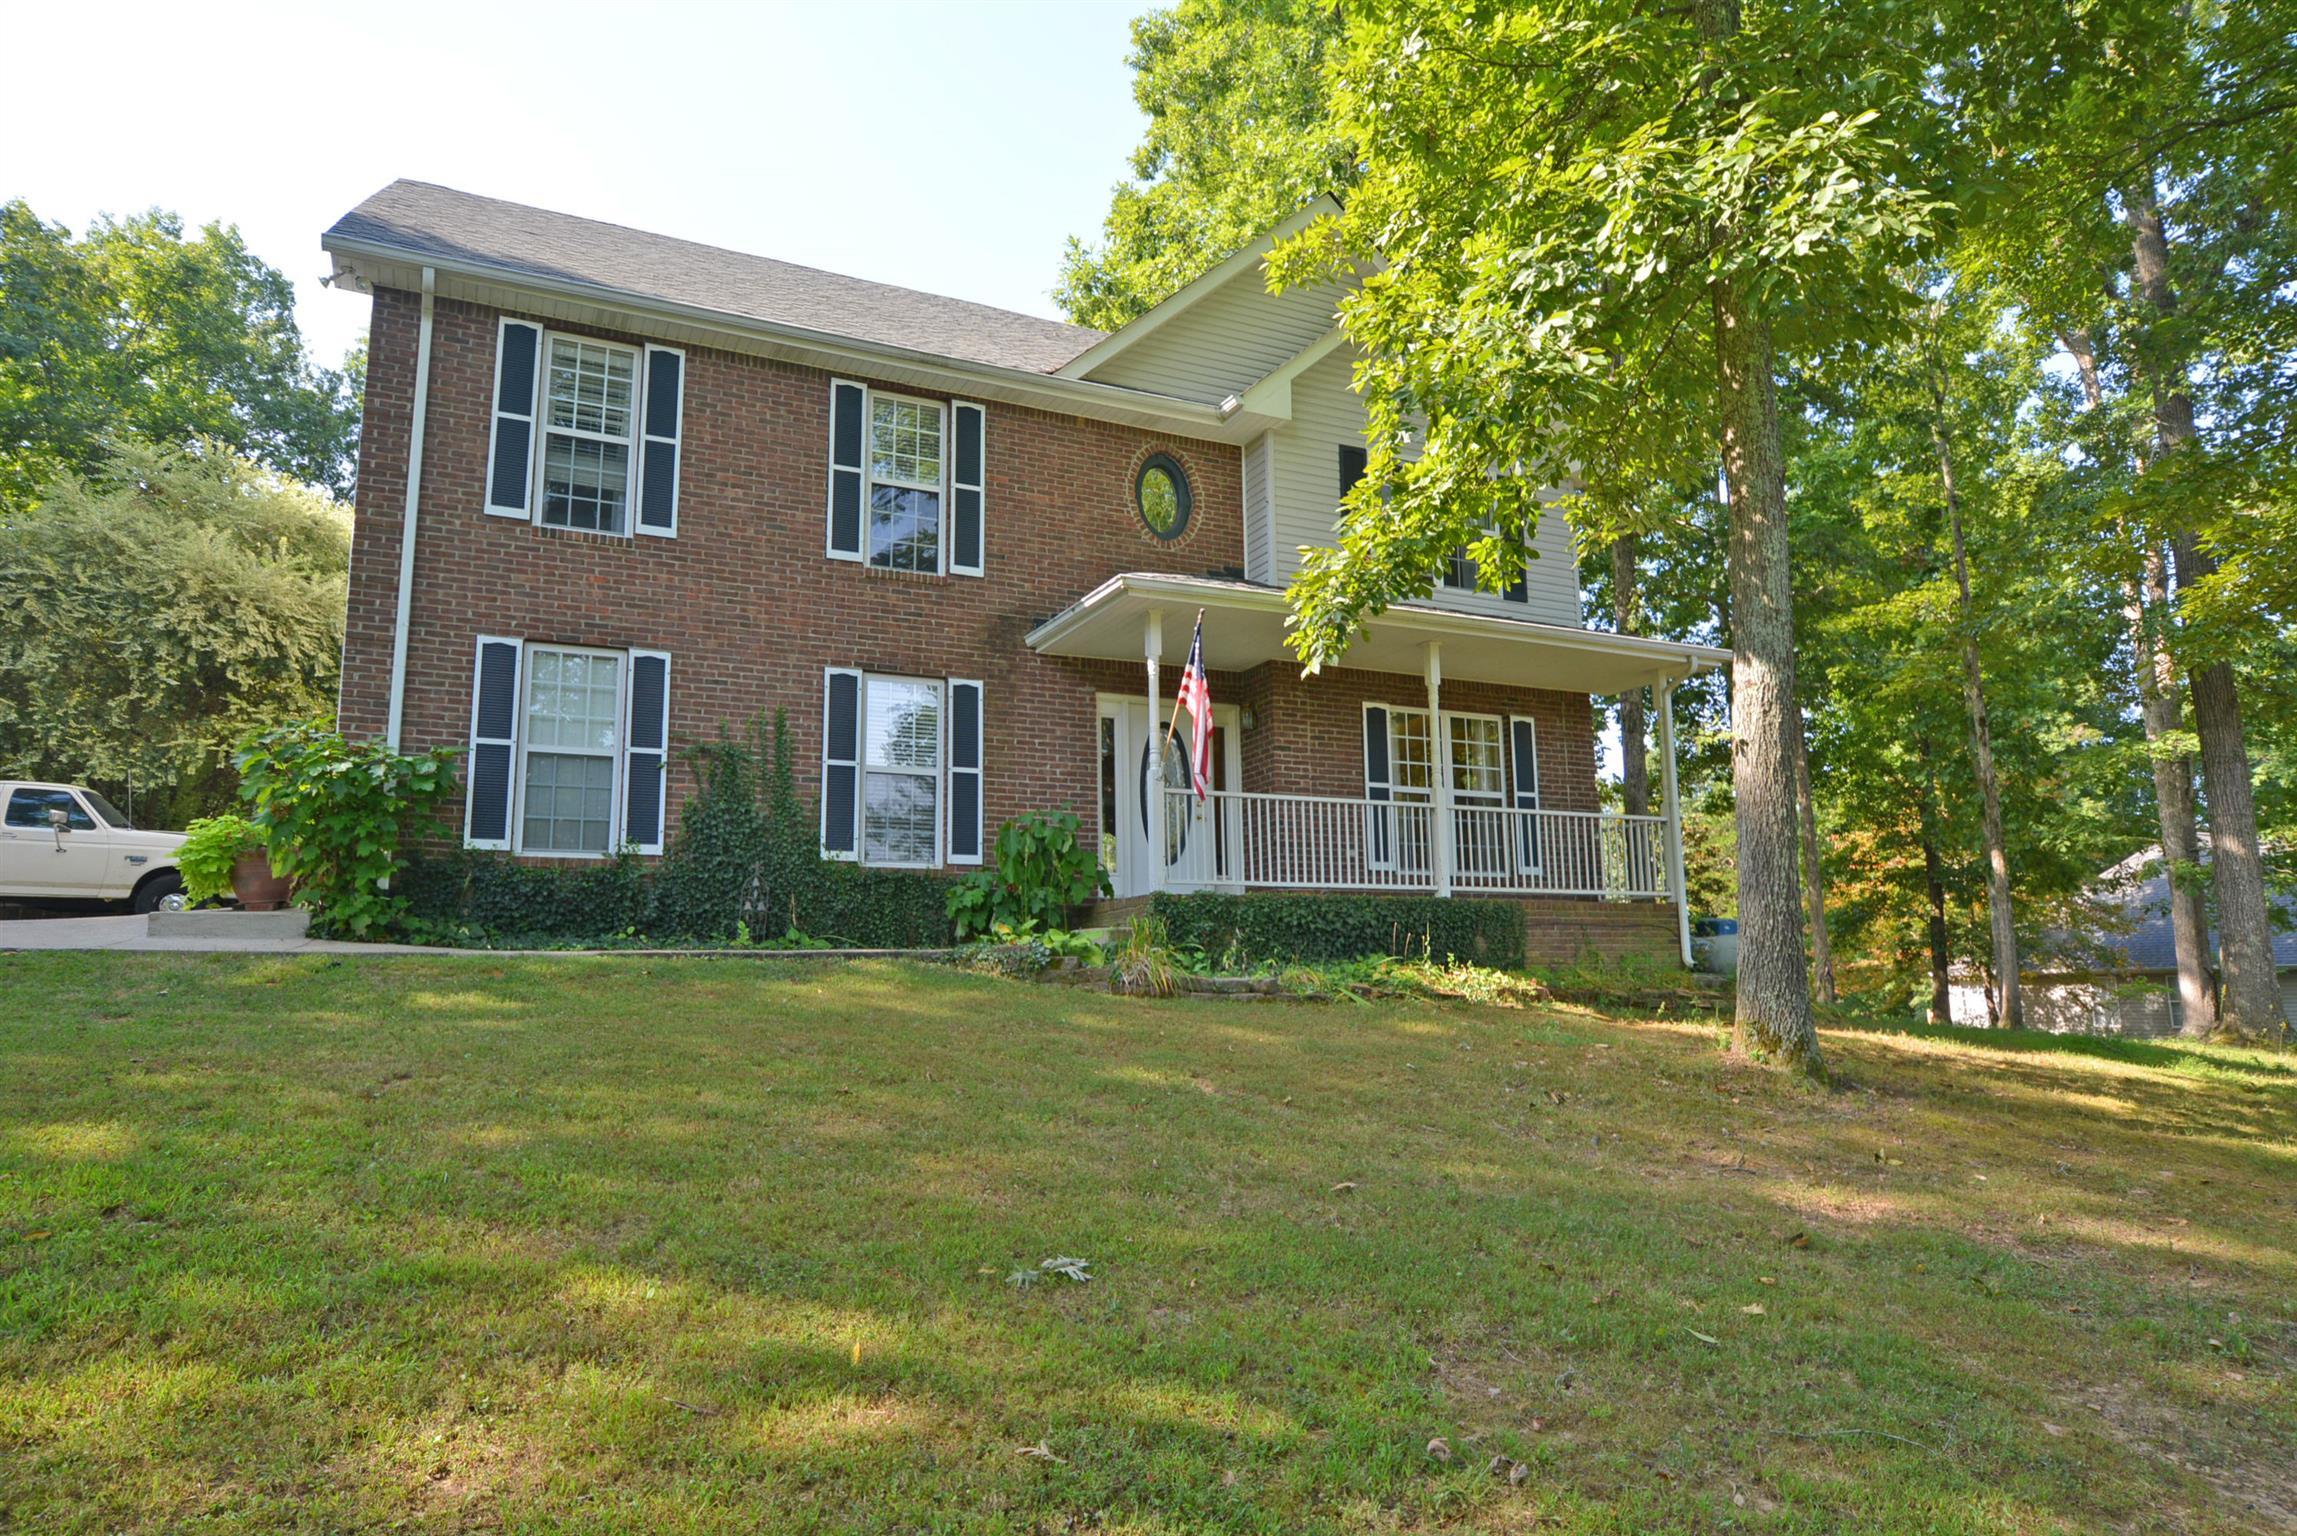 3869 Lake Rd, Woodlawn, TN 37191 - Woodlawn, TN real estate listing